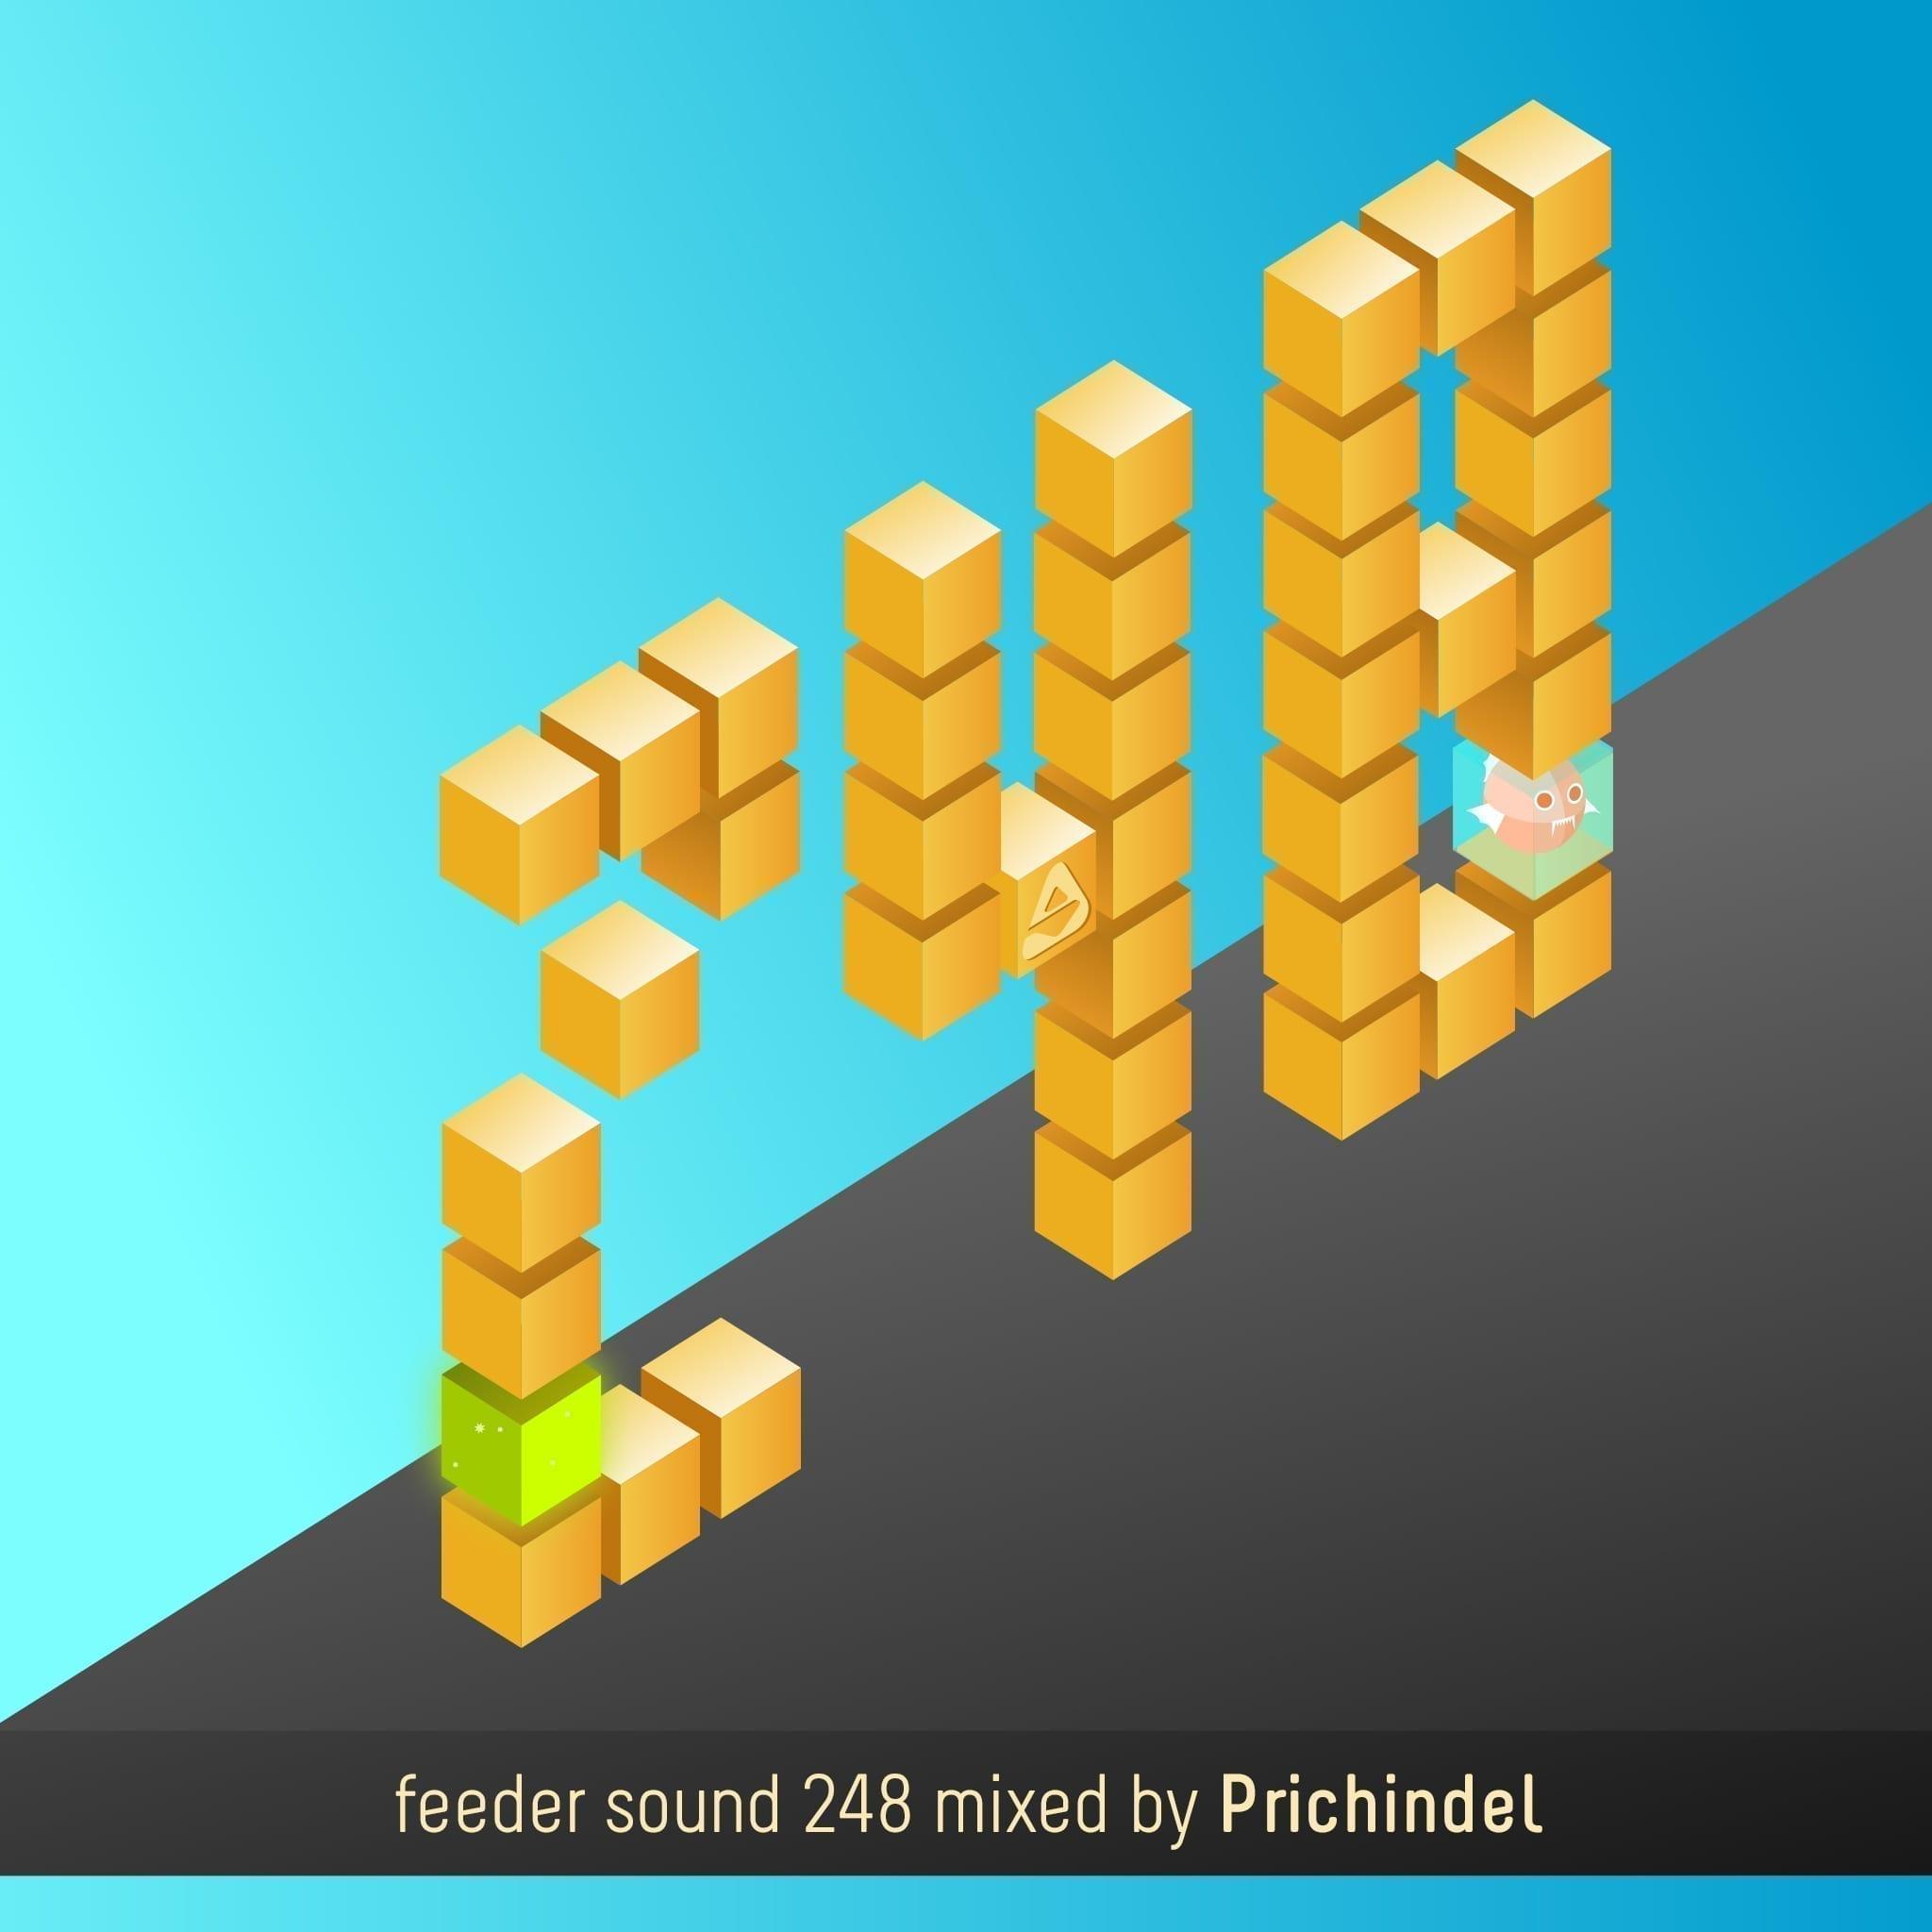 feeder sound 248 mixed by Prichindel 01